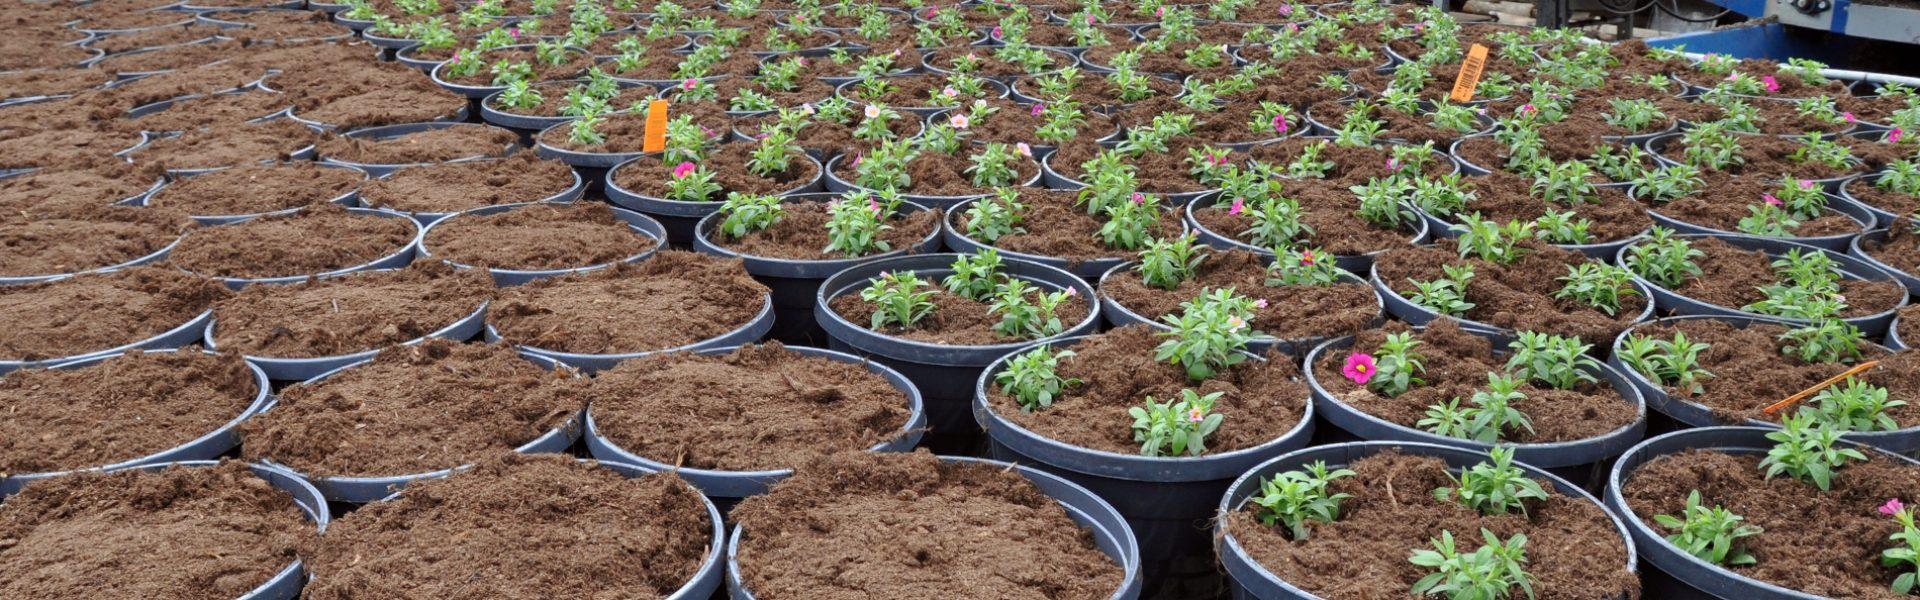 Derfor skal du velge norske blomster og planter – KSL gir trygghet